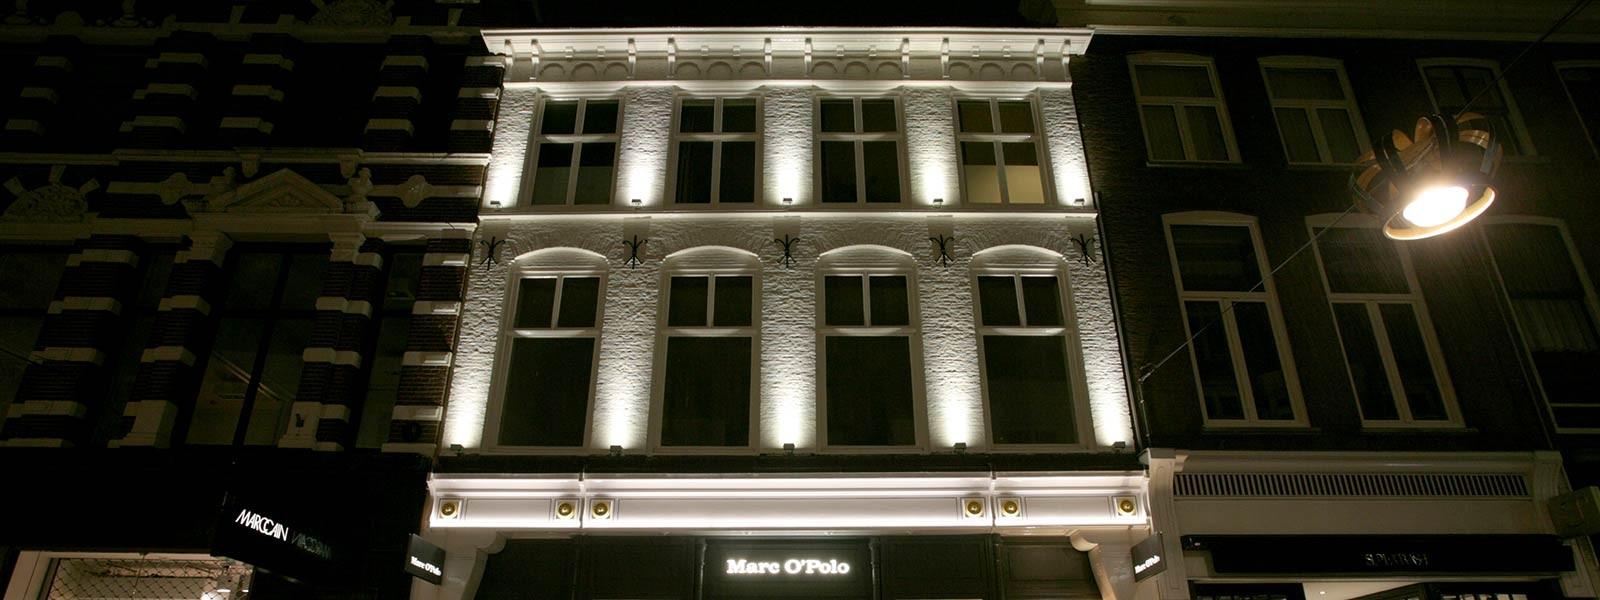 Marc O'Polo, Den Haag